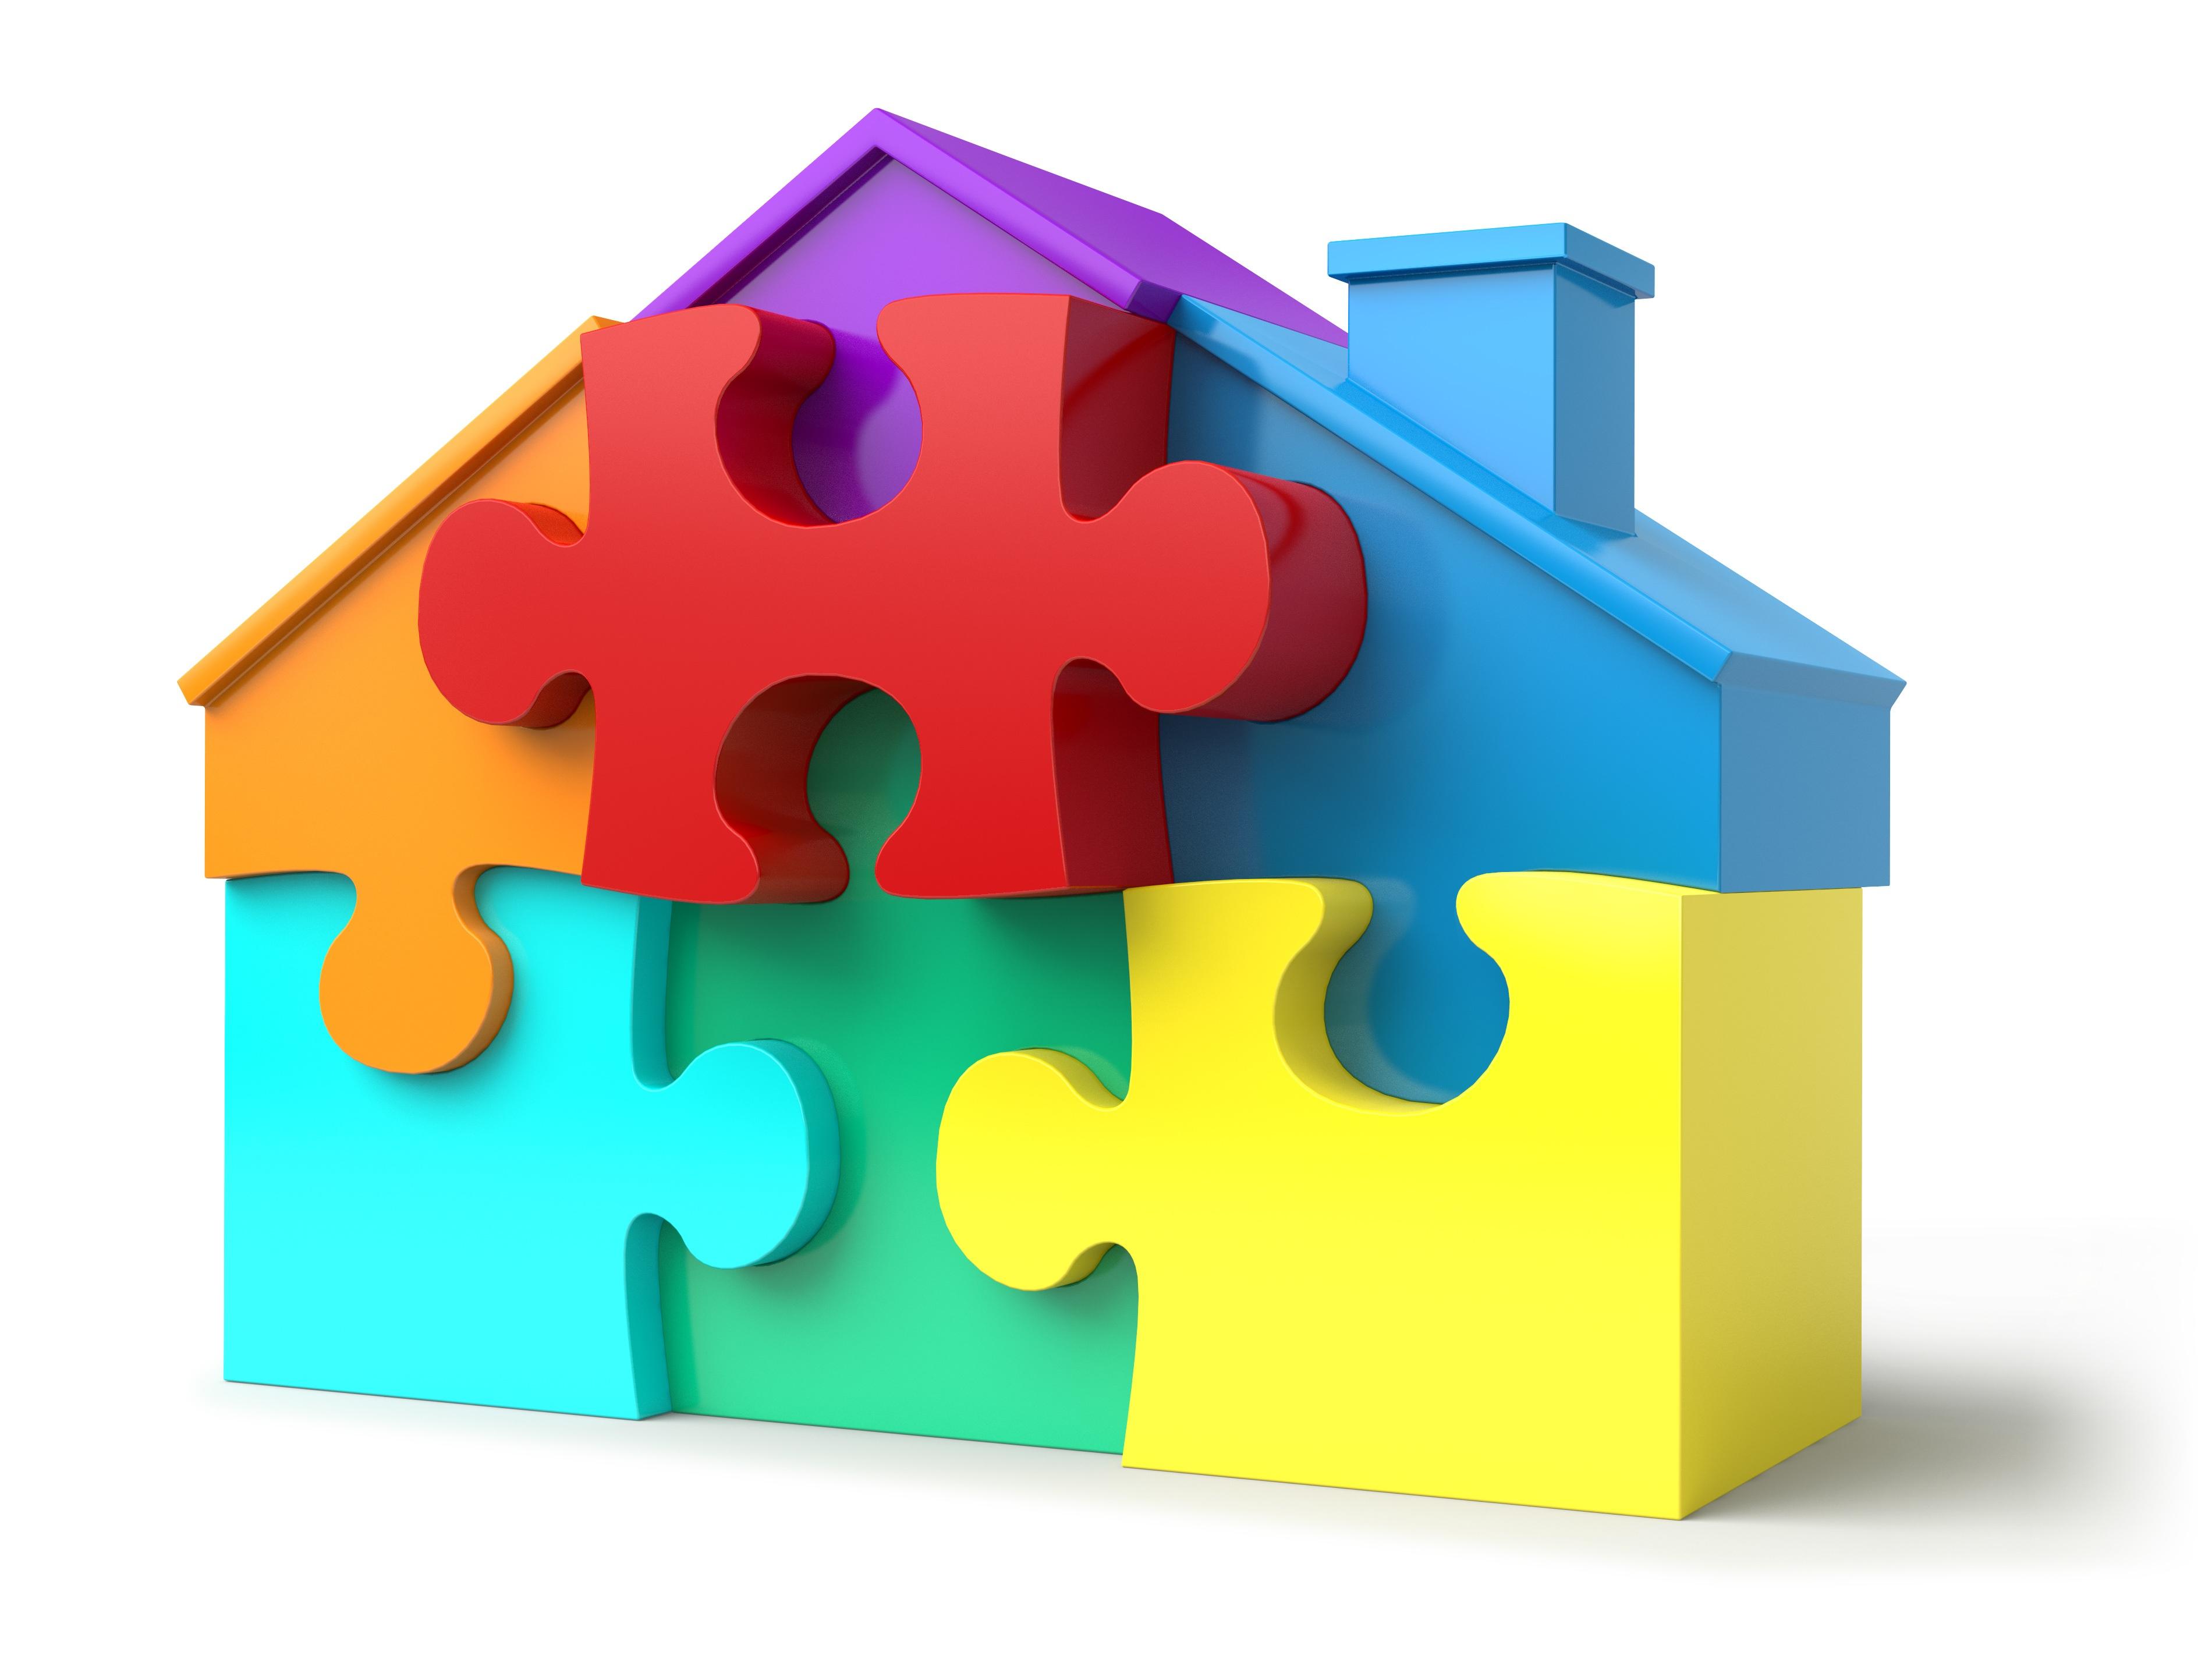 Imagen de piezas de puzle